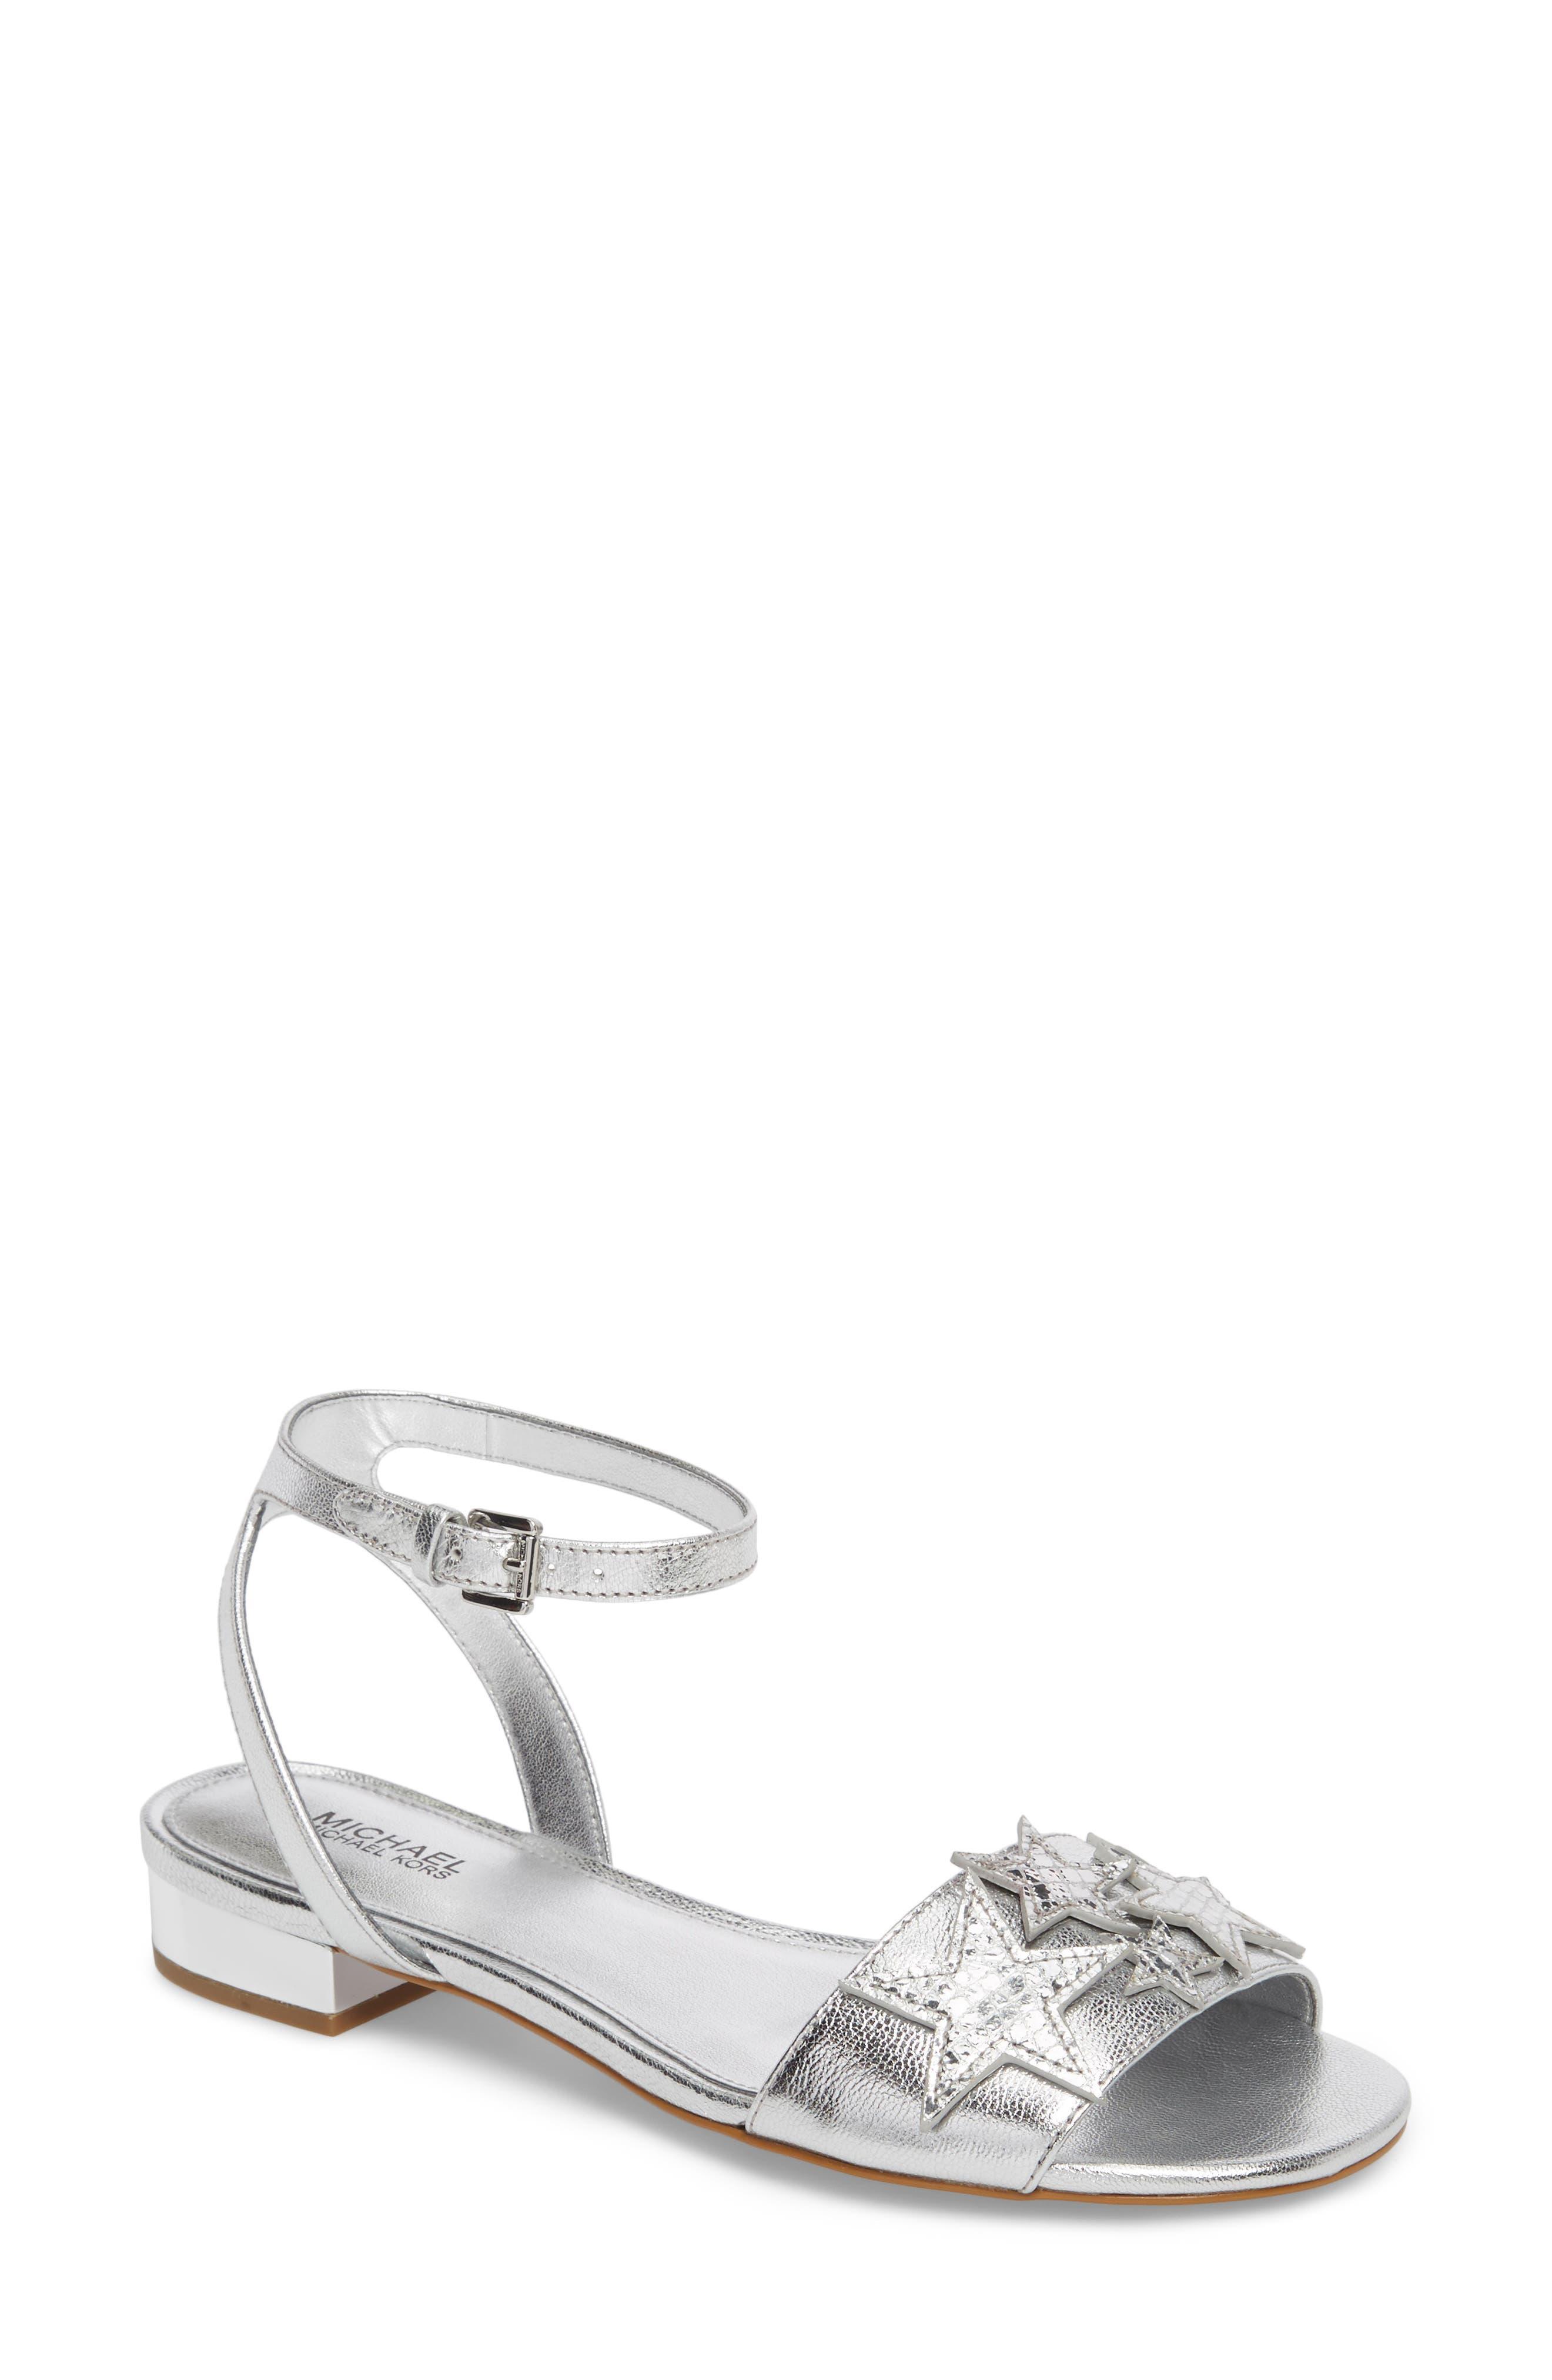 Lexie Star Embellished Sandal,                         Main,                         color, 040